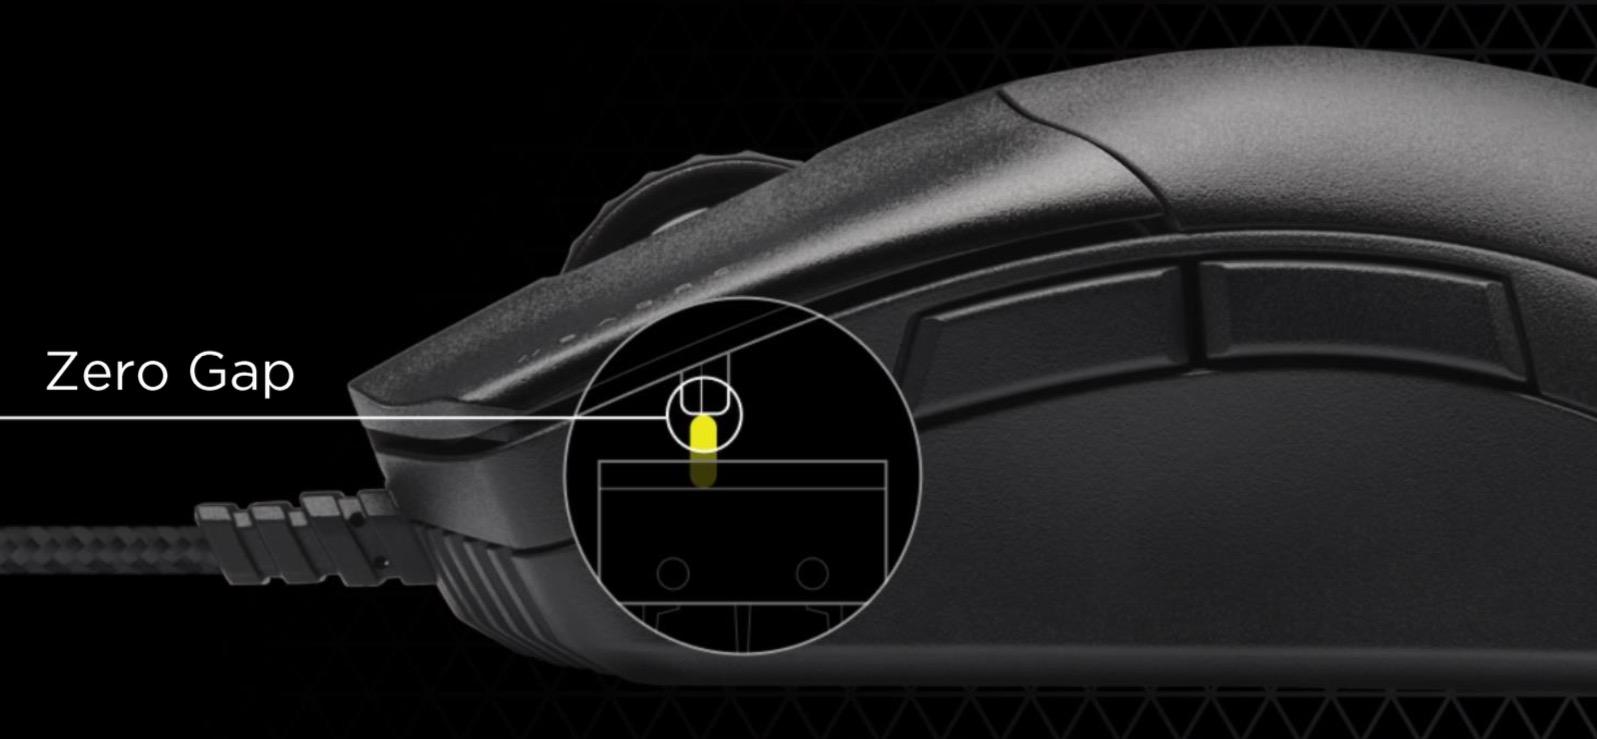 Corsair K70 RGB TKL Keyboard & Sabre RGB Pro Mouse Review - General Tech 43